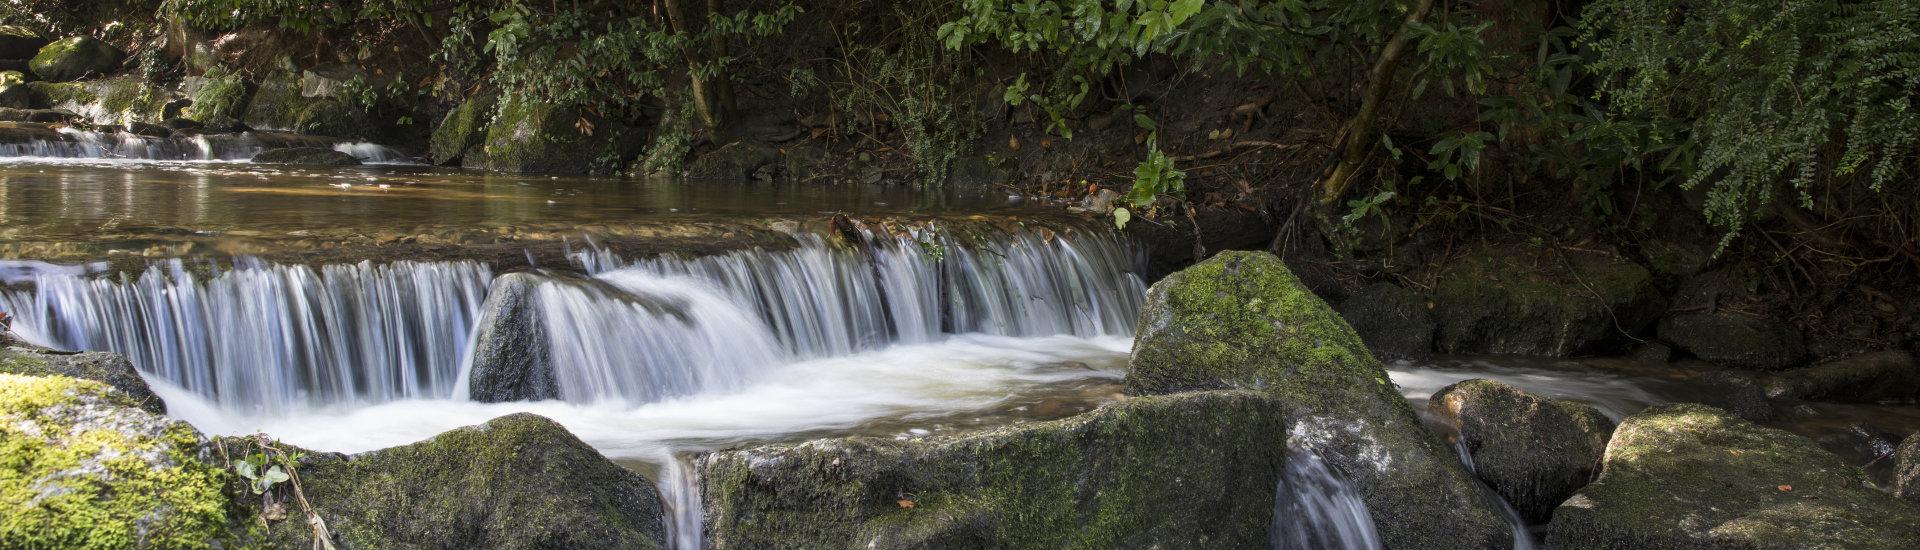 Foto: Idylle am Laufbach - kleiner Wasserfall